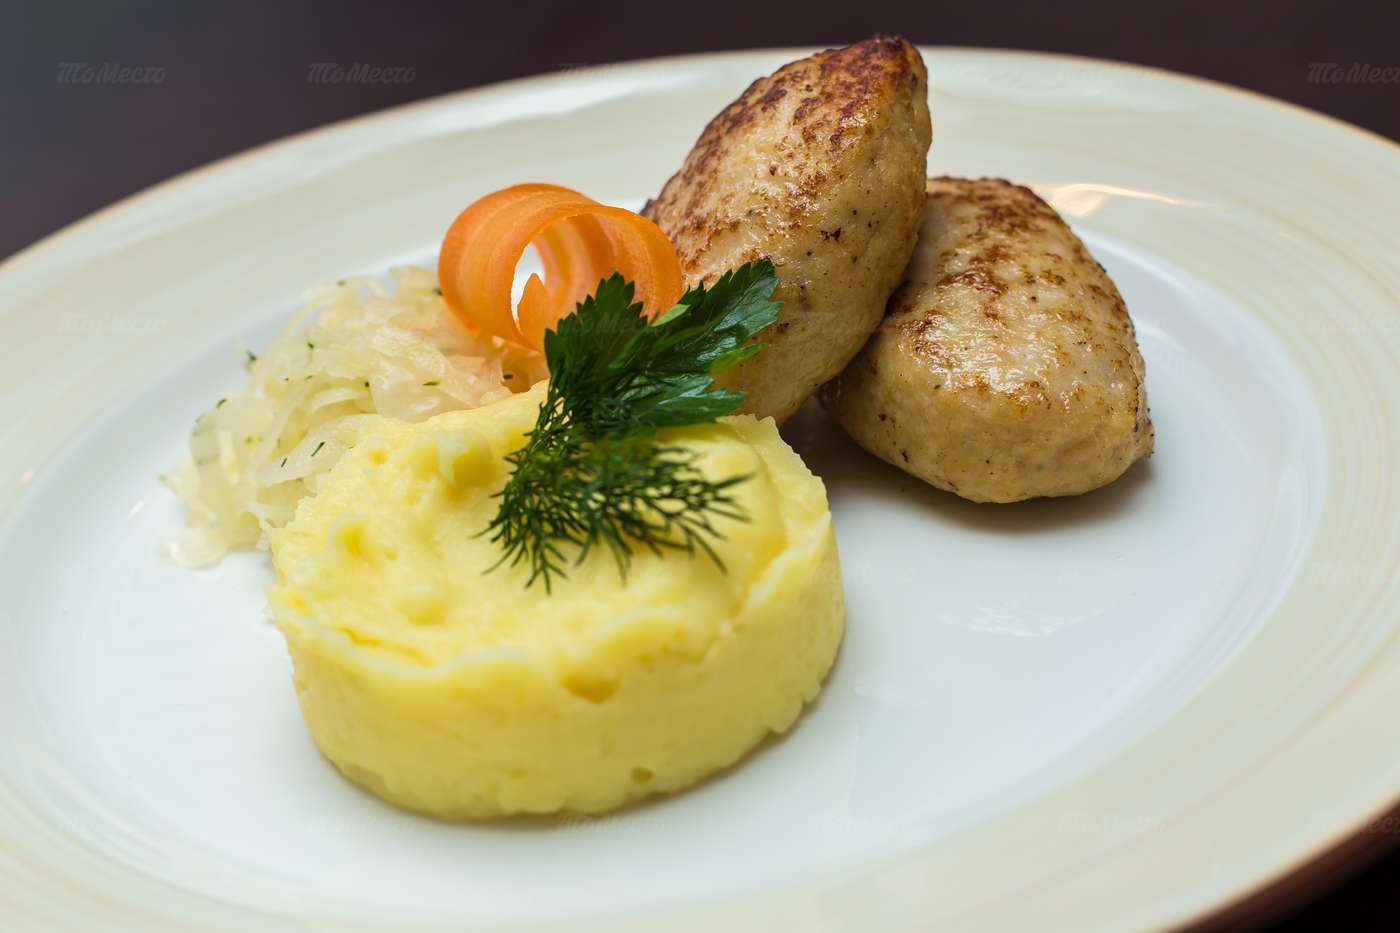 Меню кафе Де Марко (De Marco) на Смоленской-Сенной площади фото 11